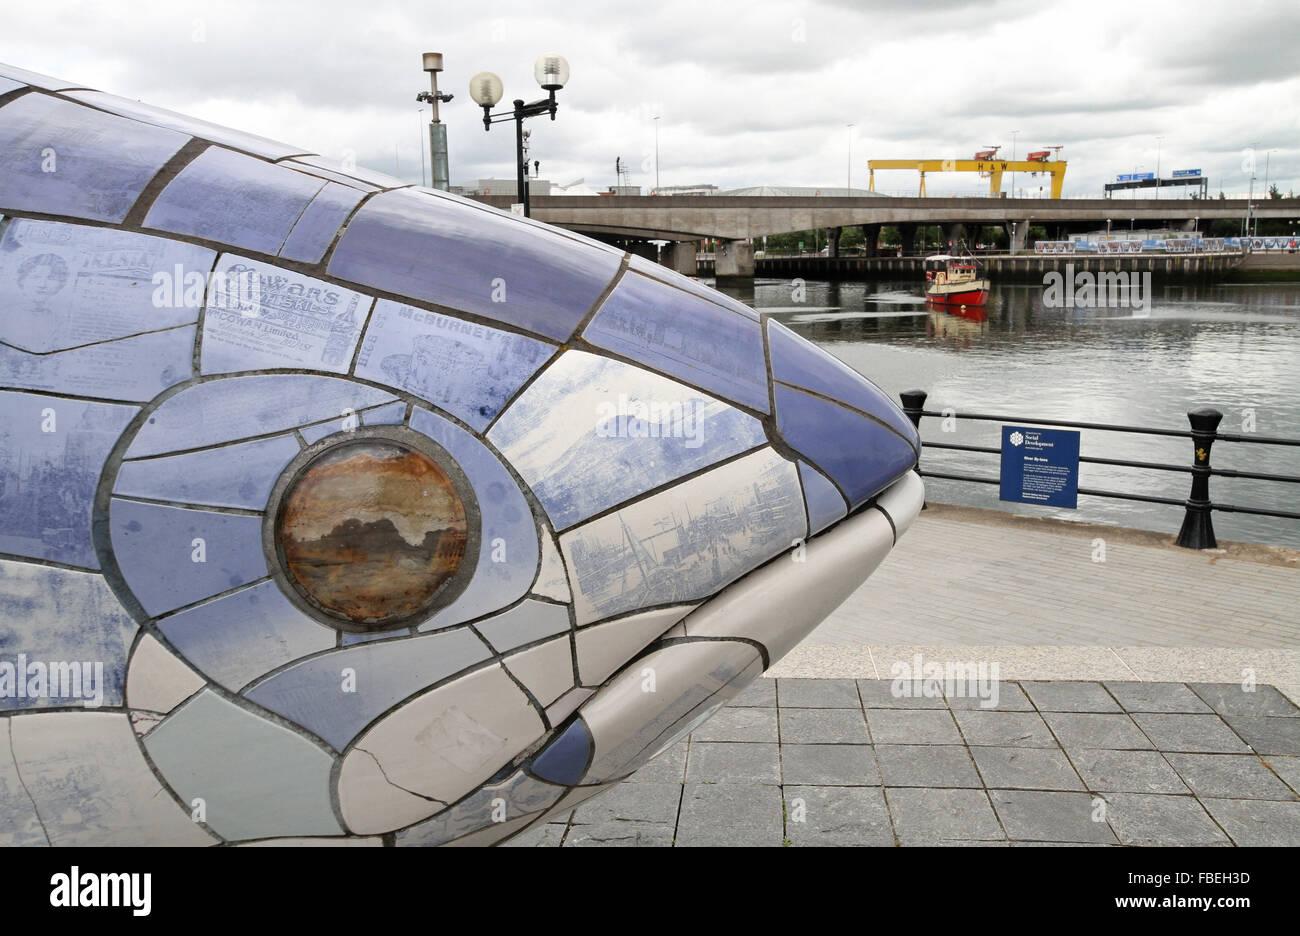 Il grande pesce mosaico ceramico sulle rive del fiume Lagan a Belfast. Il mosaico è da John gentilezza. Immagini Stock